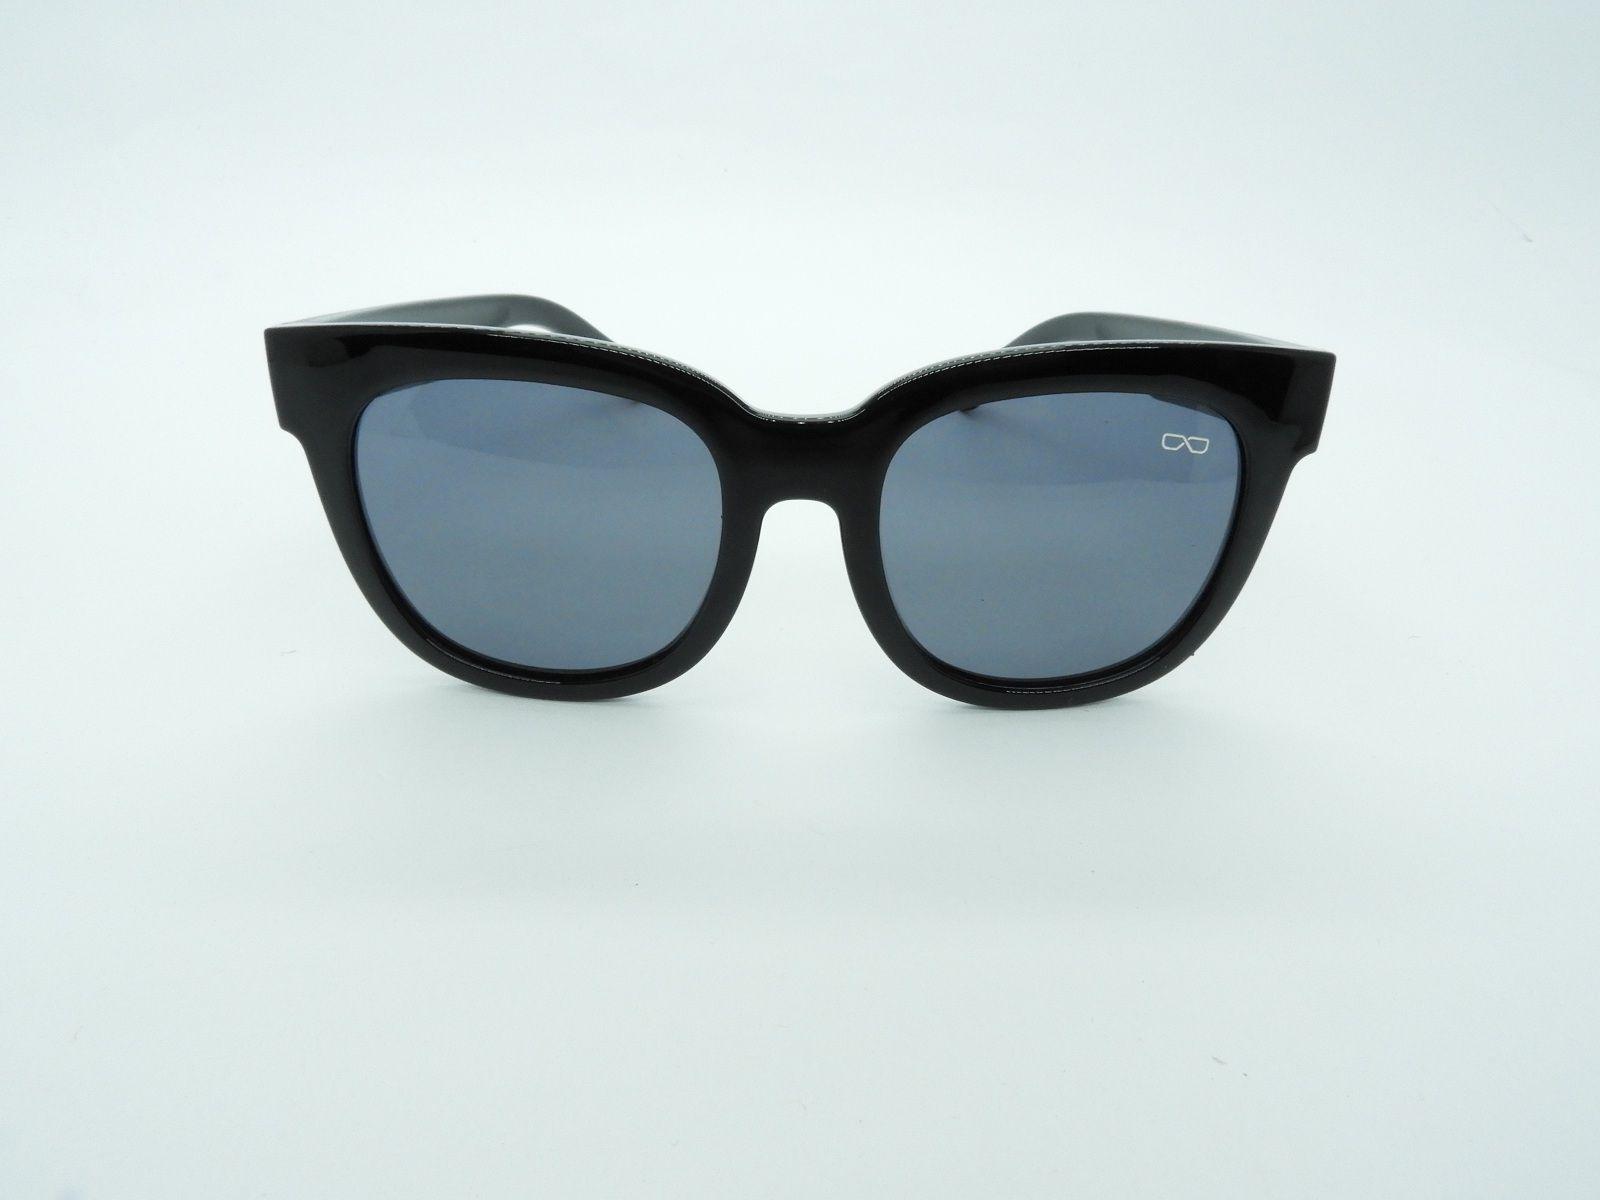 b99677789 Óculos de Sol Infantil T1505 c13 preto - Difaty Glasses